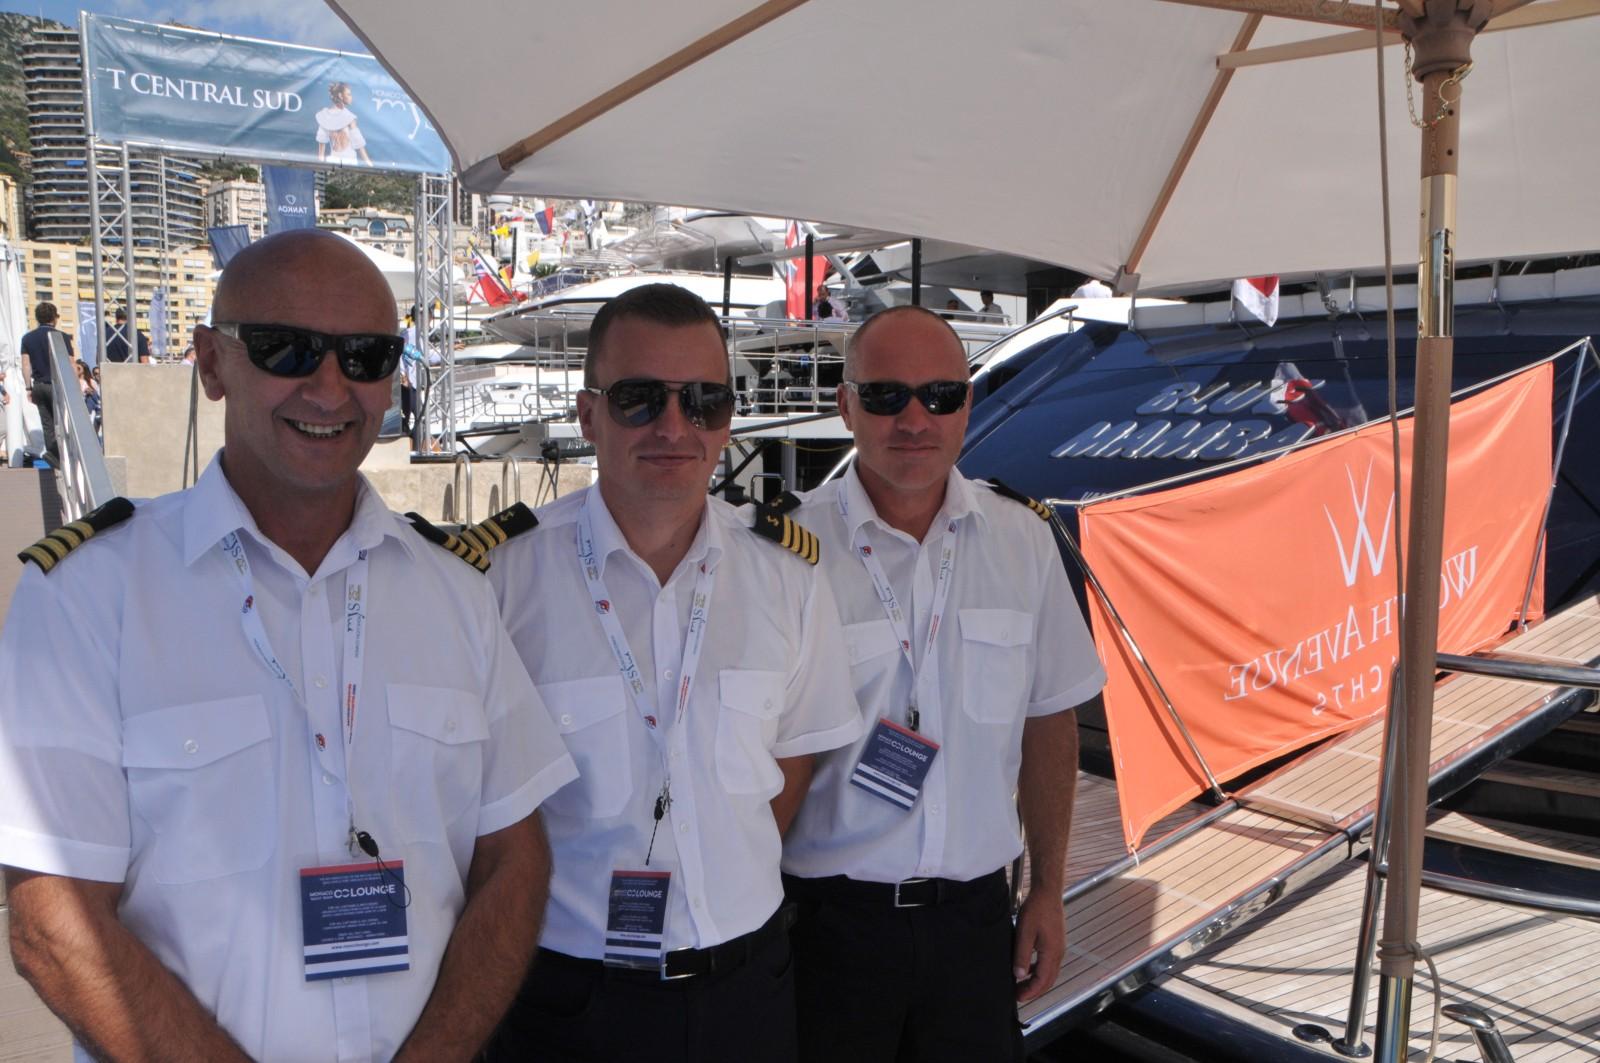 Monaco 9-23-15 (13)